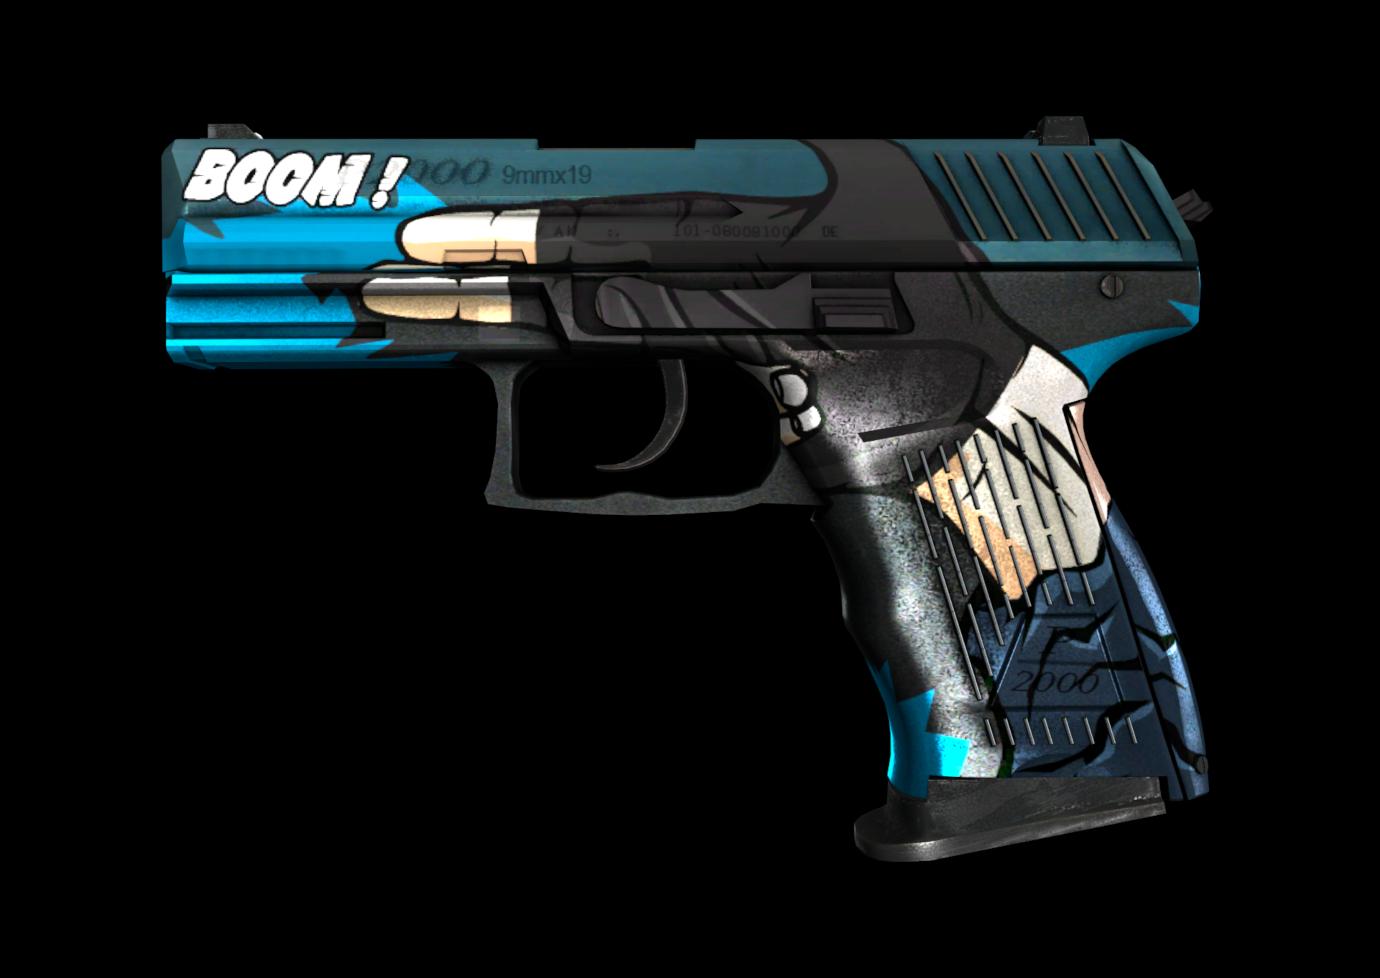 P2000 | Пистолет — цены, описание скина и паттернов в CS:GO на CS.MONEY Wiki